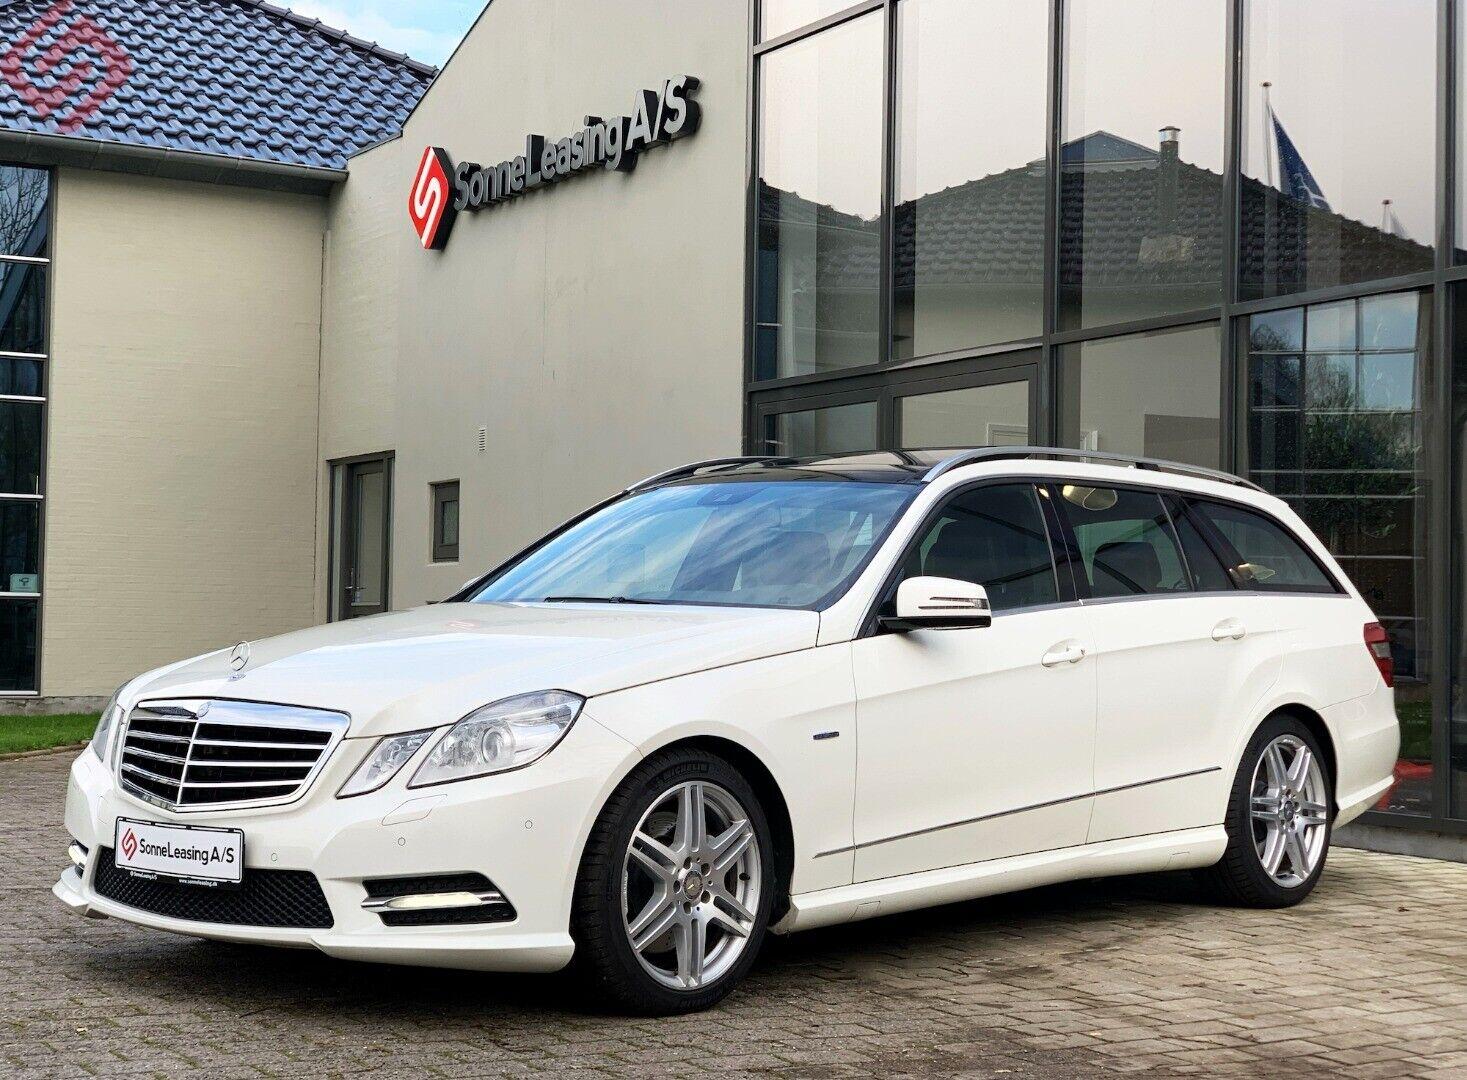 Mercedes E350 3,0 CDi Avantgarde stc aut 4-M BE 5d - 319.900 kr.